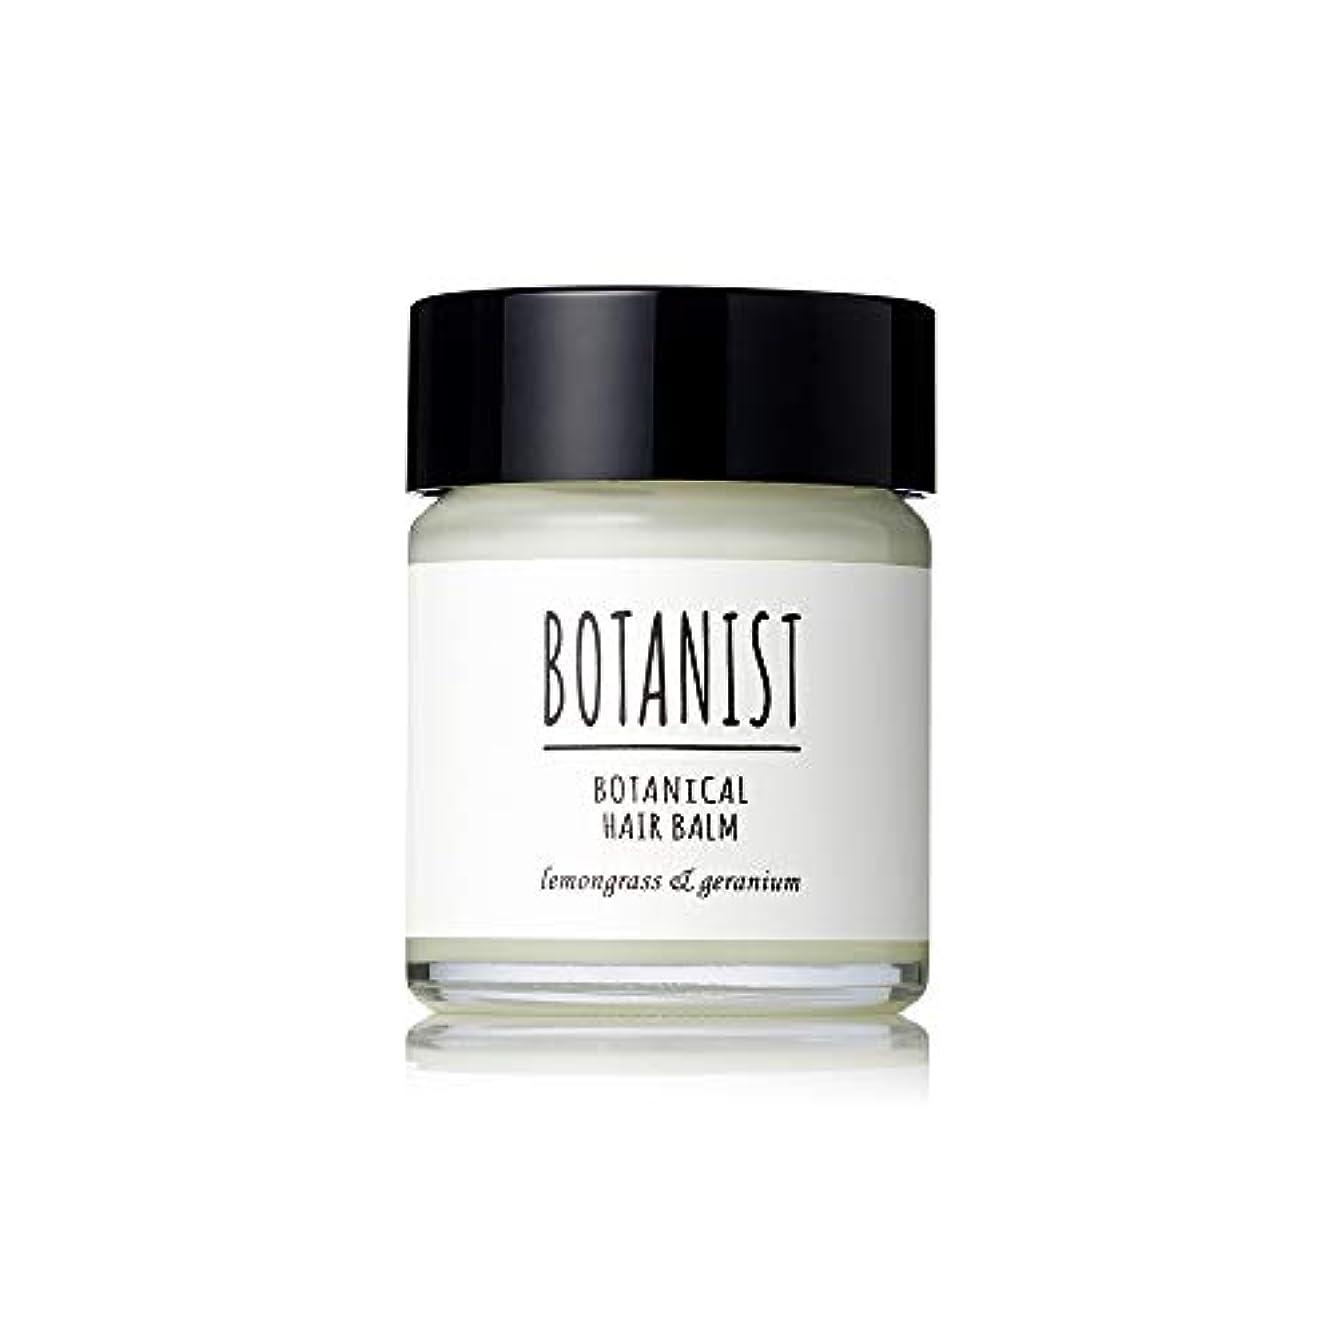 吸い込むチーター封筒BOTANIST ボタニスト ボタニカルヘアバーム 32g レモングラス&ゼラニウムの香り